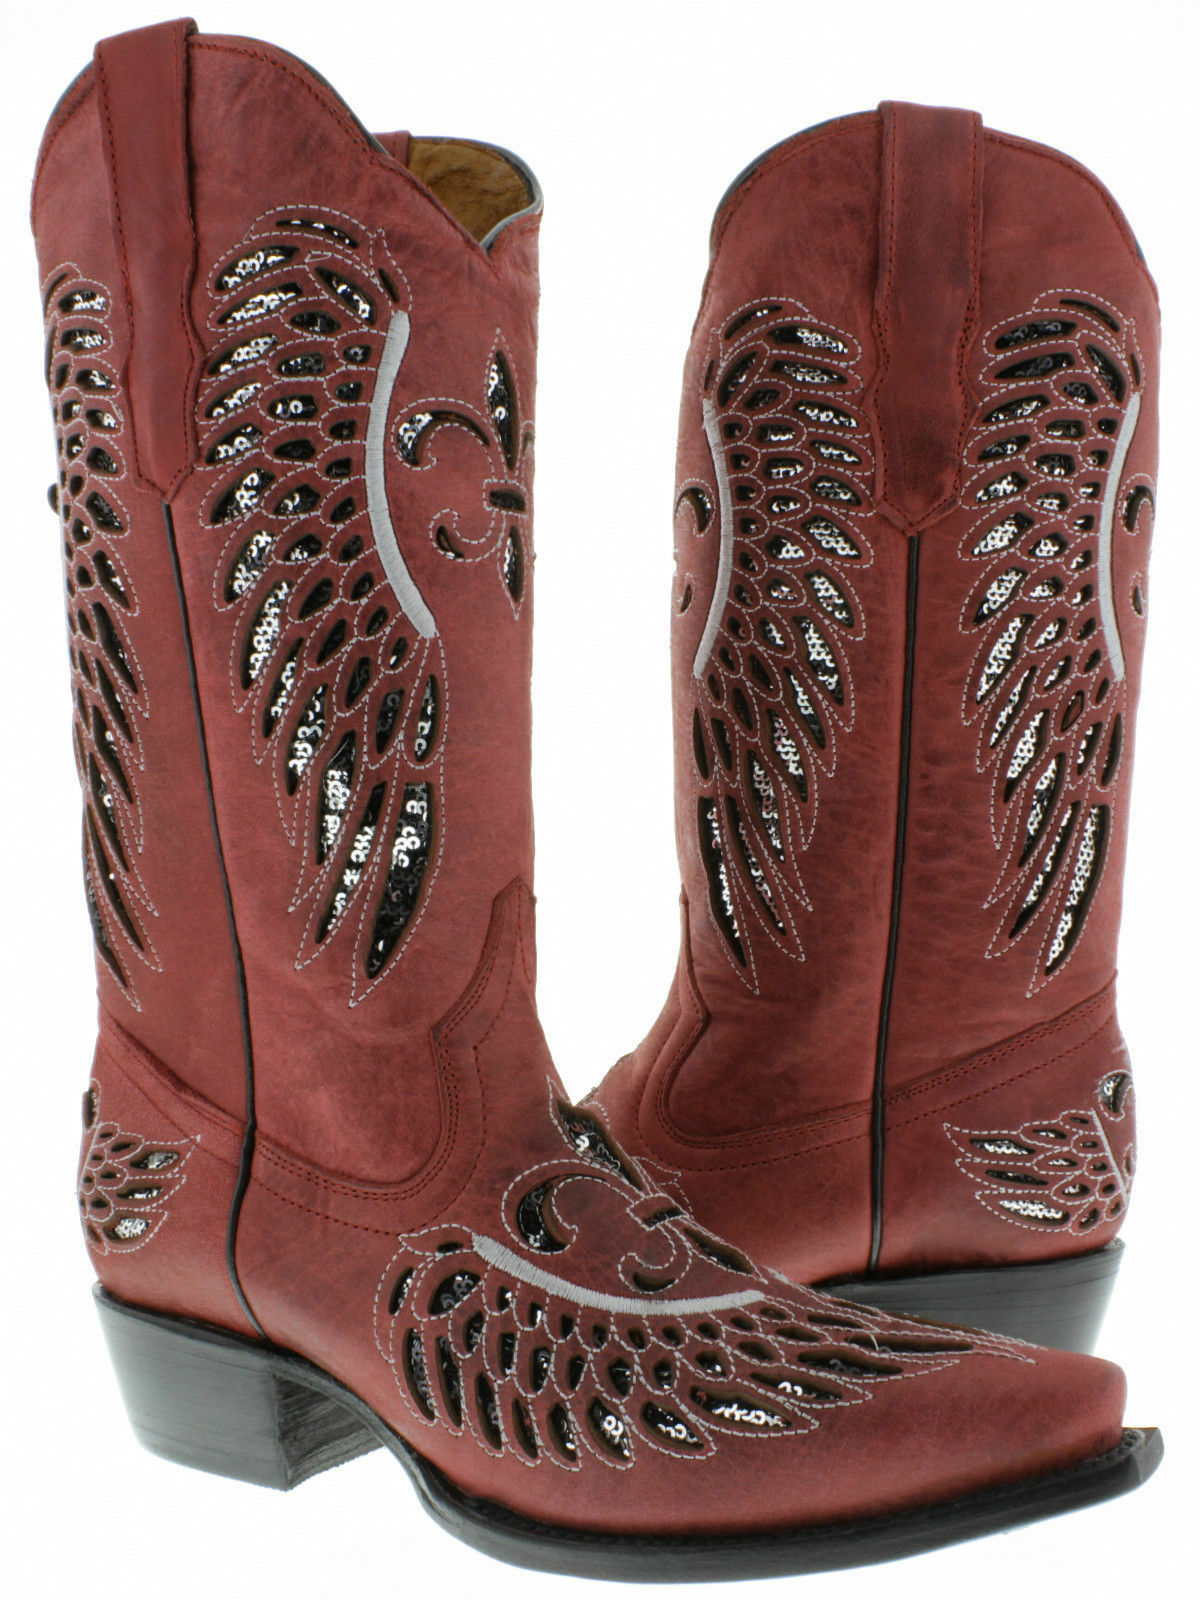 Para mujeres Vestido de lentejuelas De rojo flor Incrustación Plata Cuero botas De lentejuelas Vaquero SNIP Toe 1d7ff0